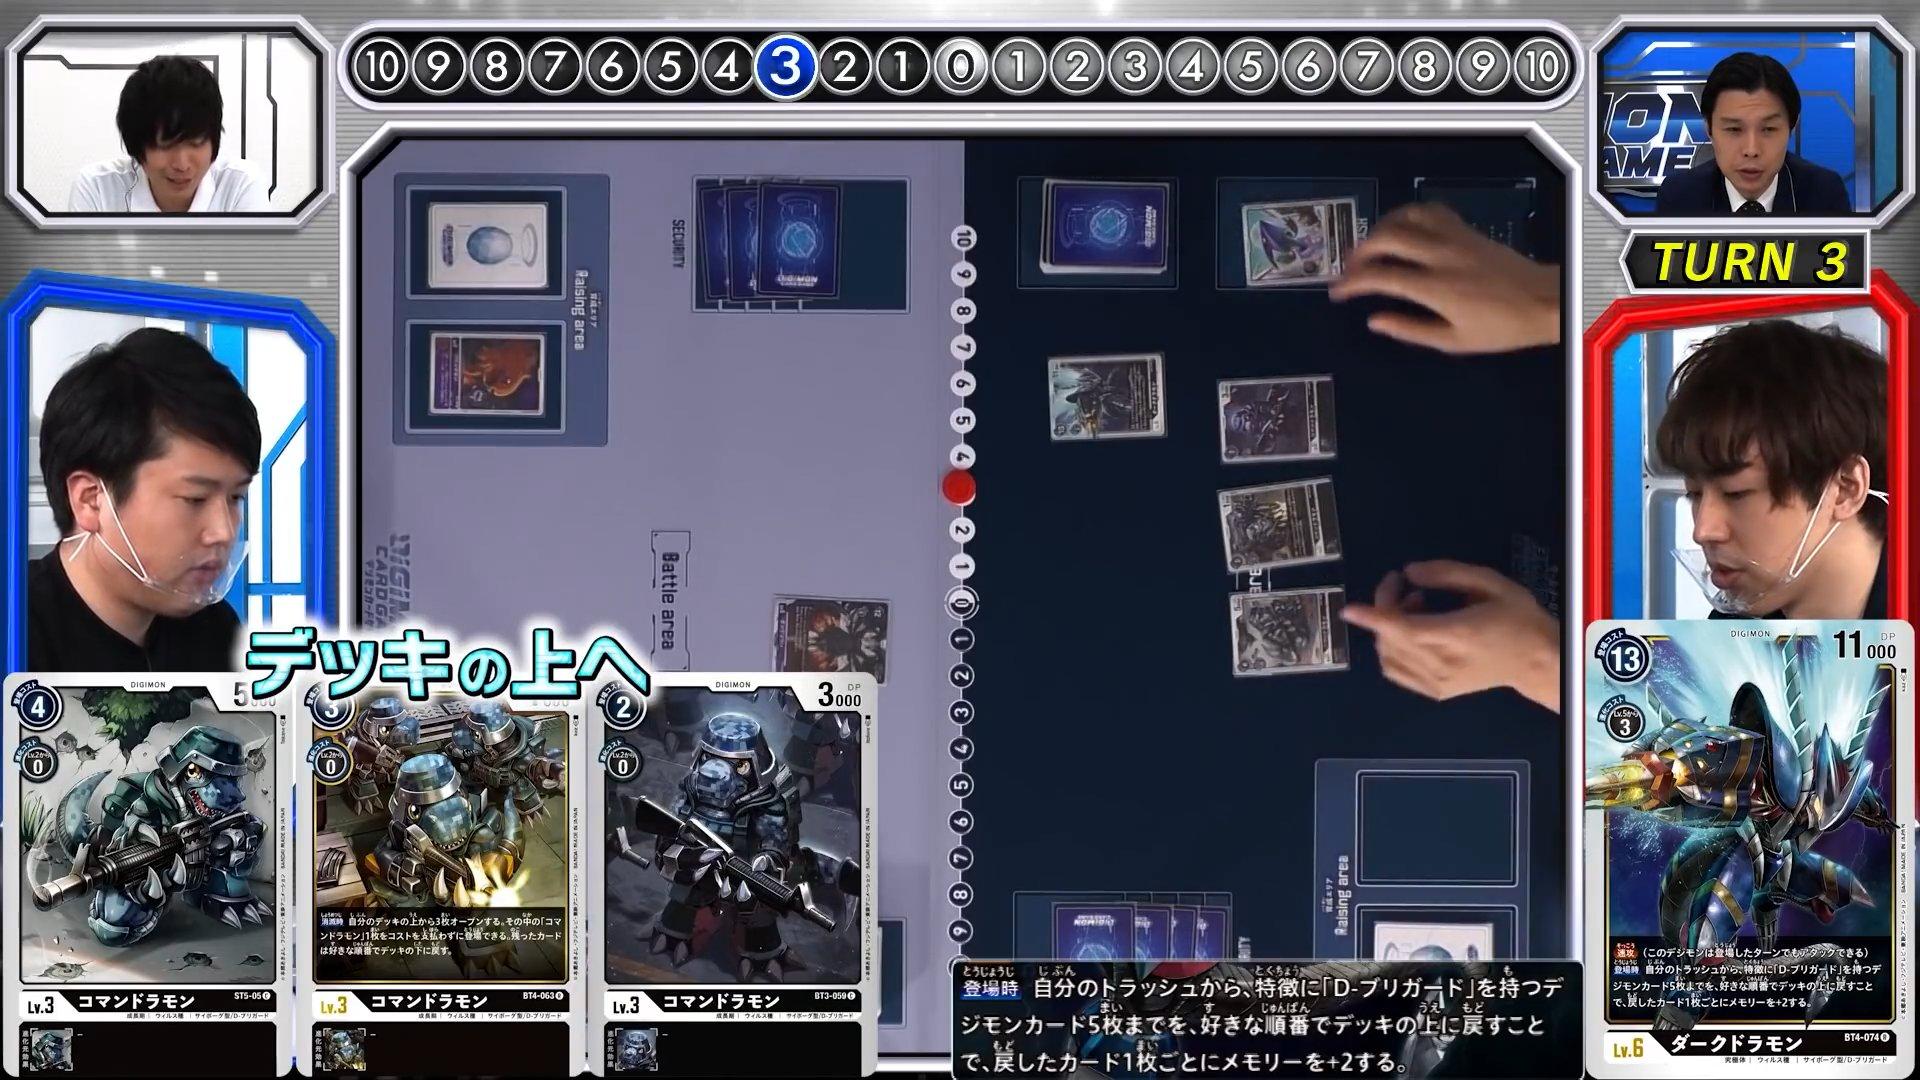 digimoncardbattle_v2_11_11_december11_2020.jpg